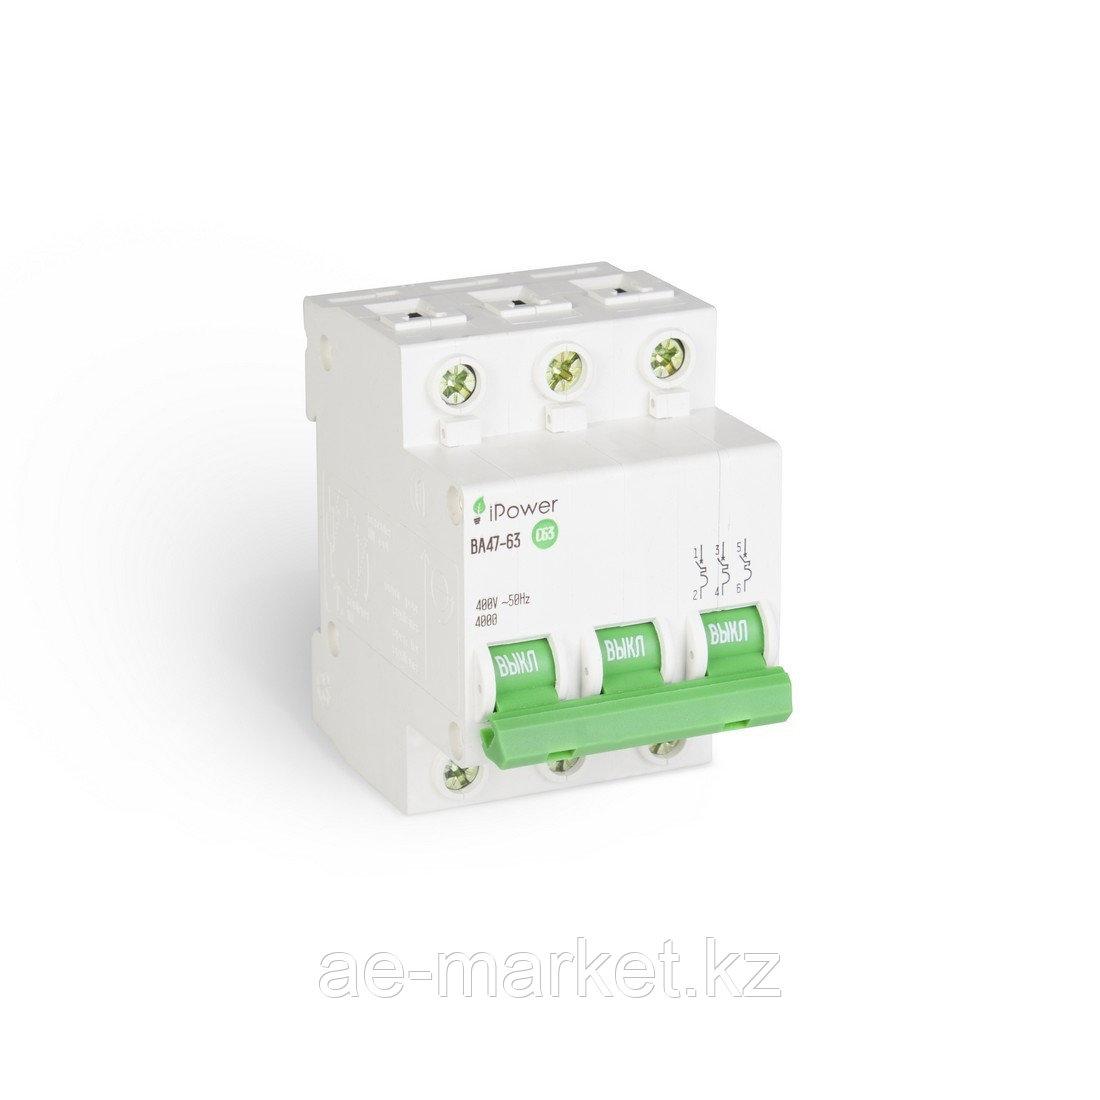 Автоматический выключатель реечный iPower ВА47-63 3Р 10А